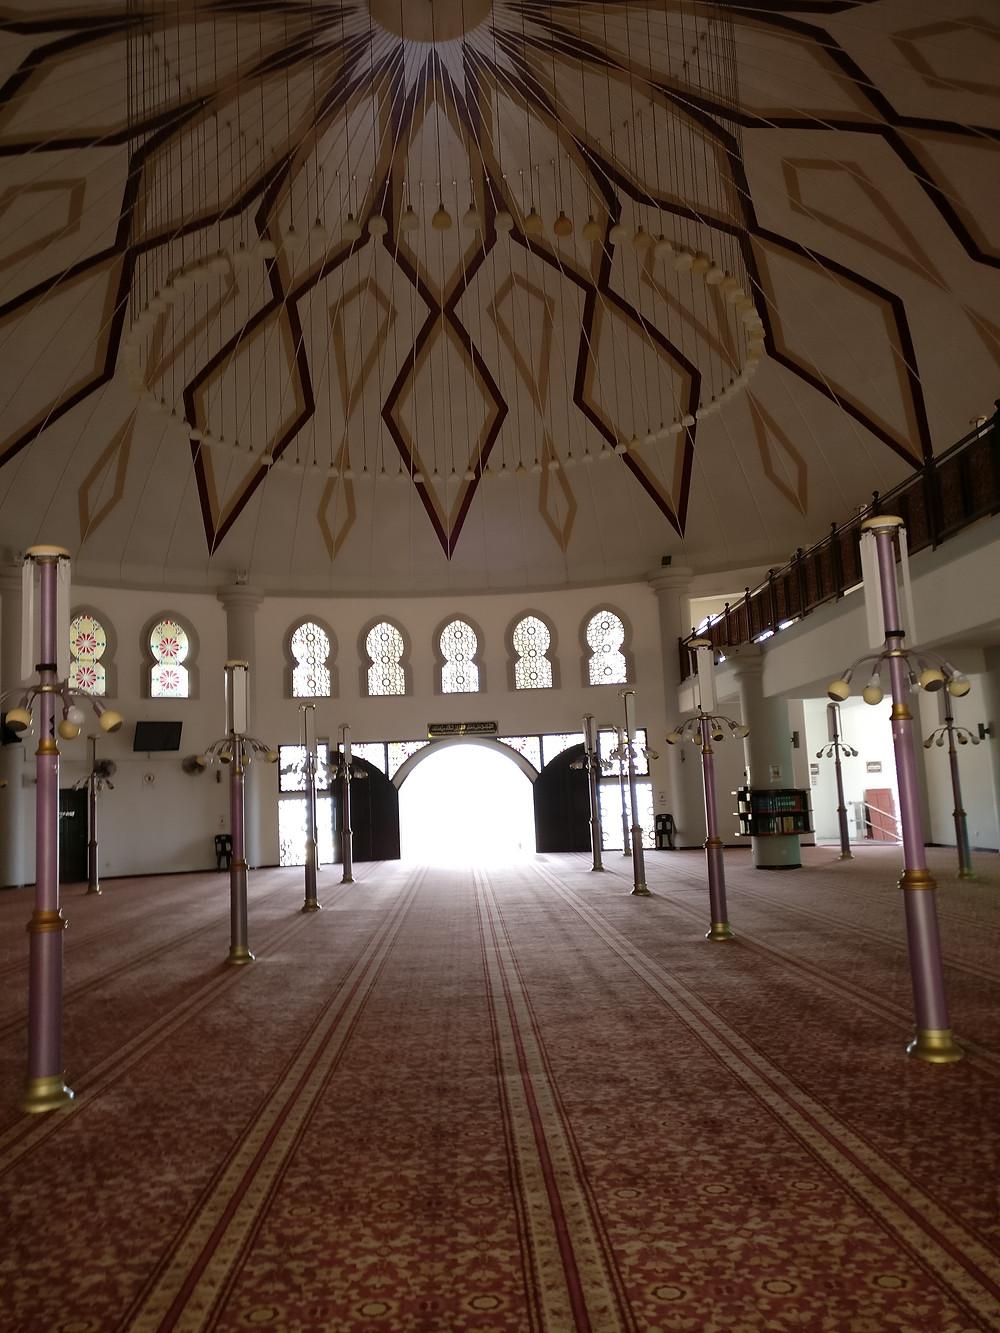 The Penang Floating Mosque or Masjid Terapung Pulau Pinang, Malaysia